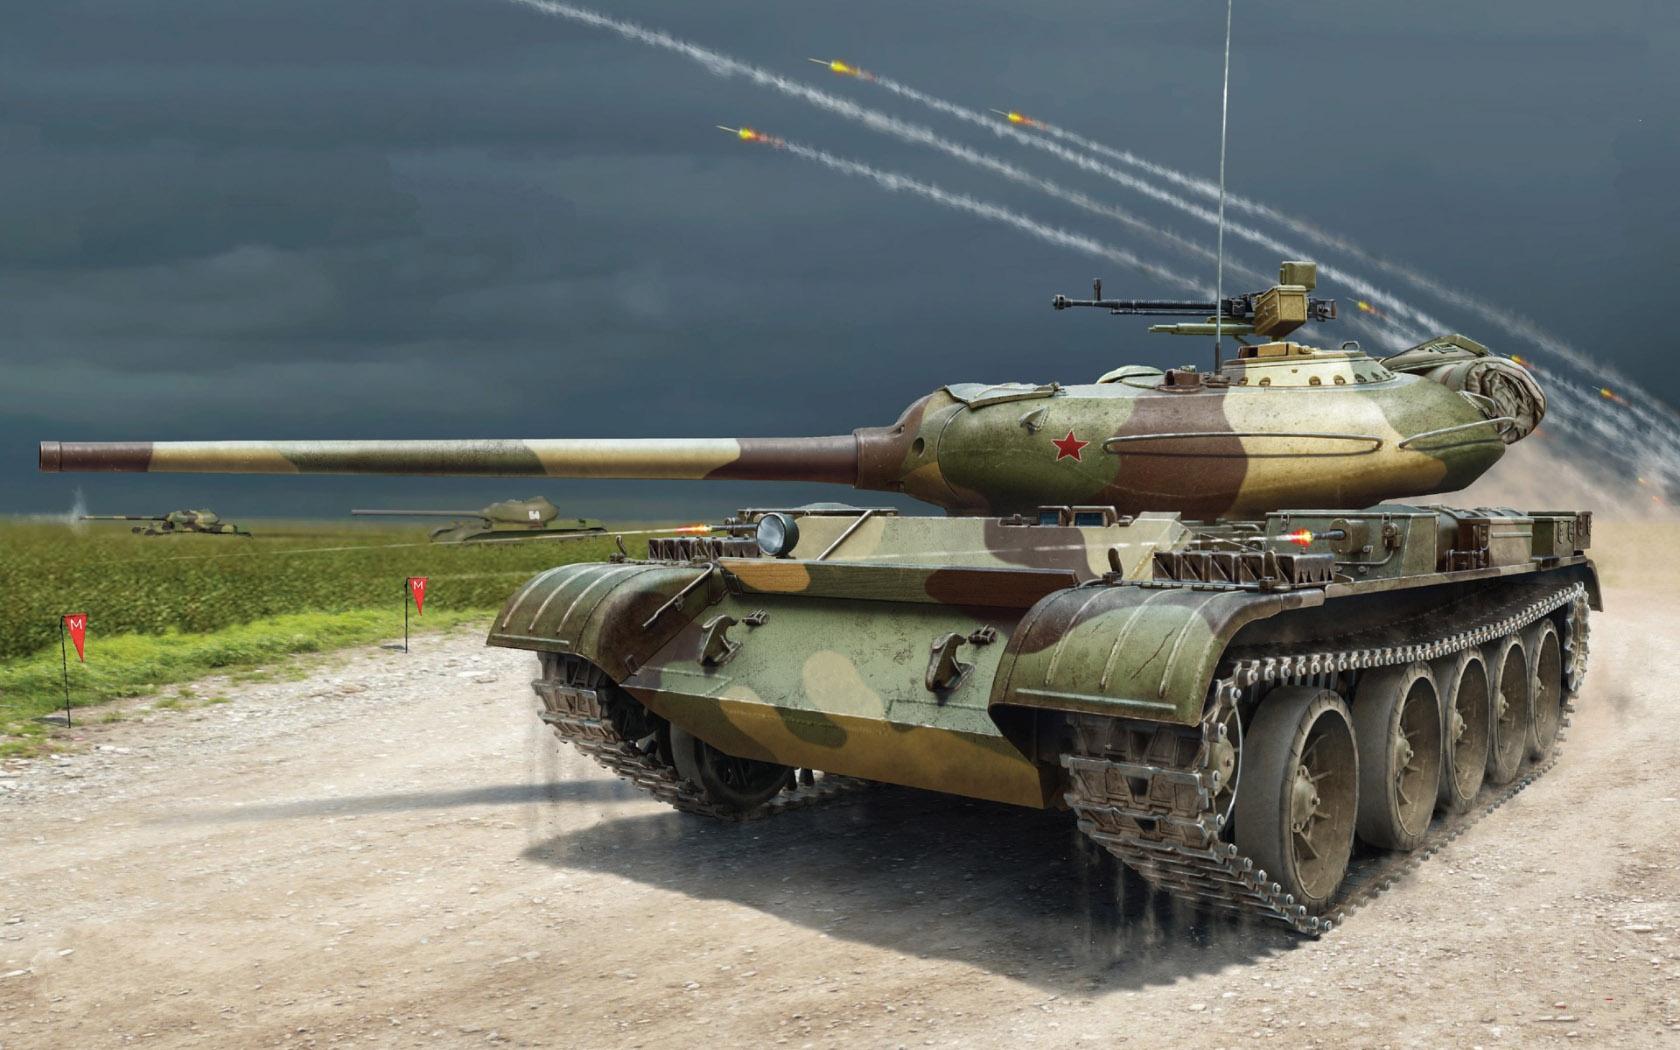 рисунок T-54-1 SOVIET MEDIUM TANK